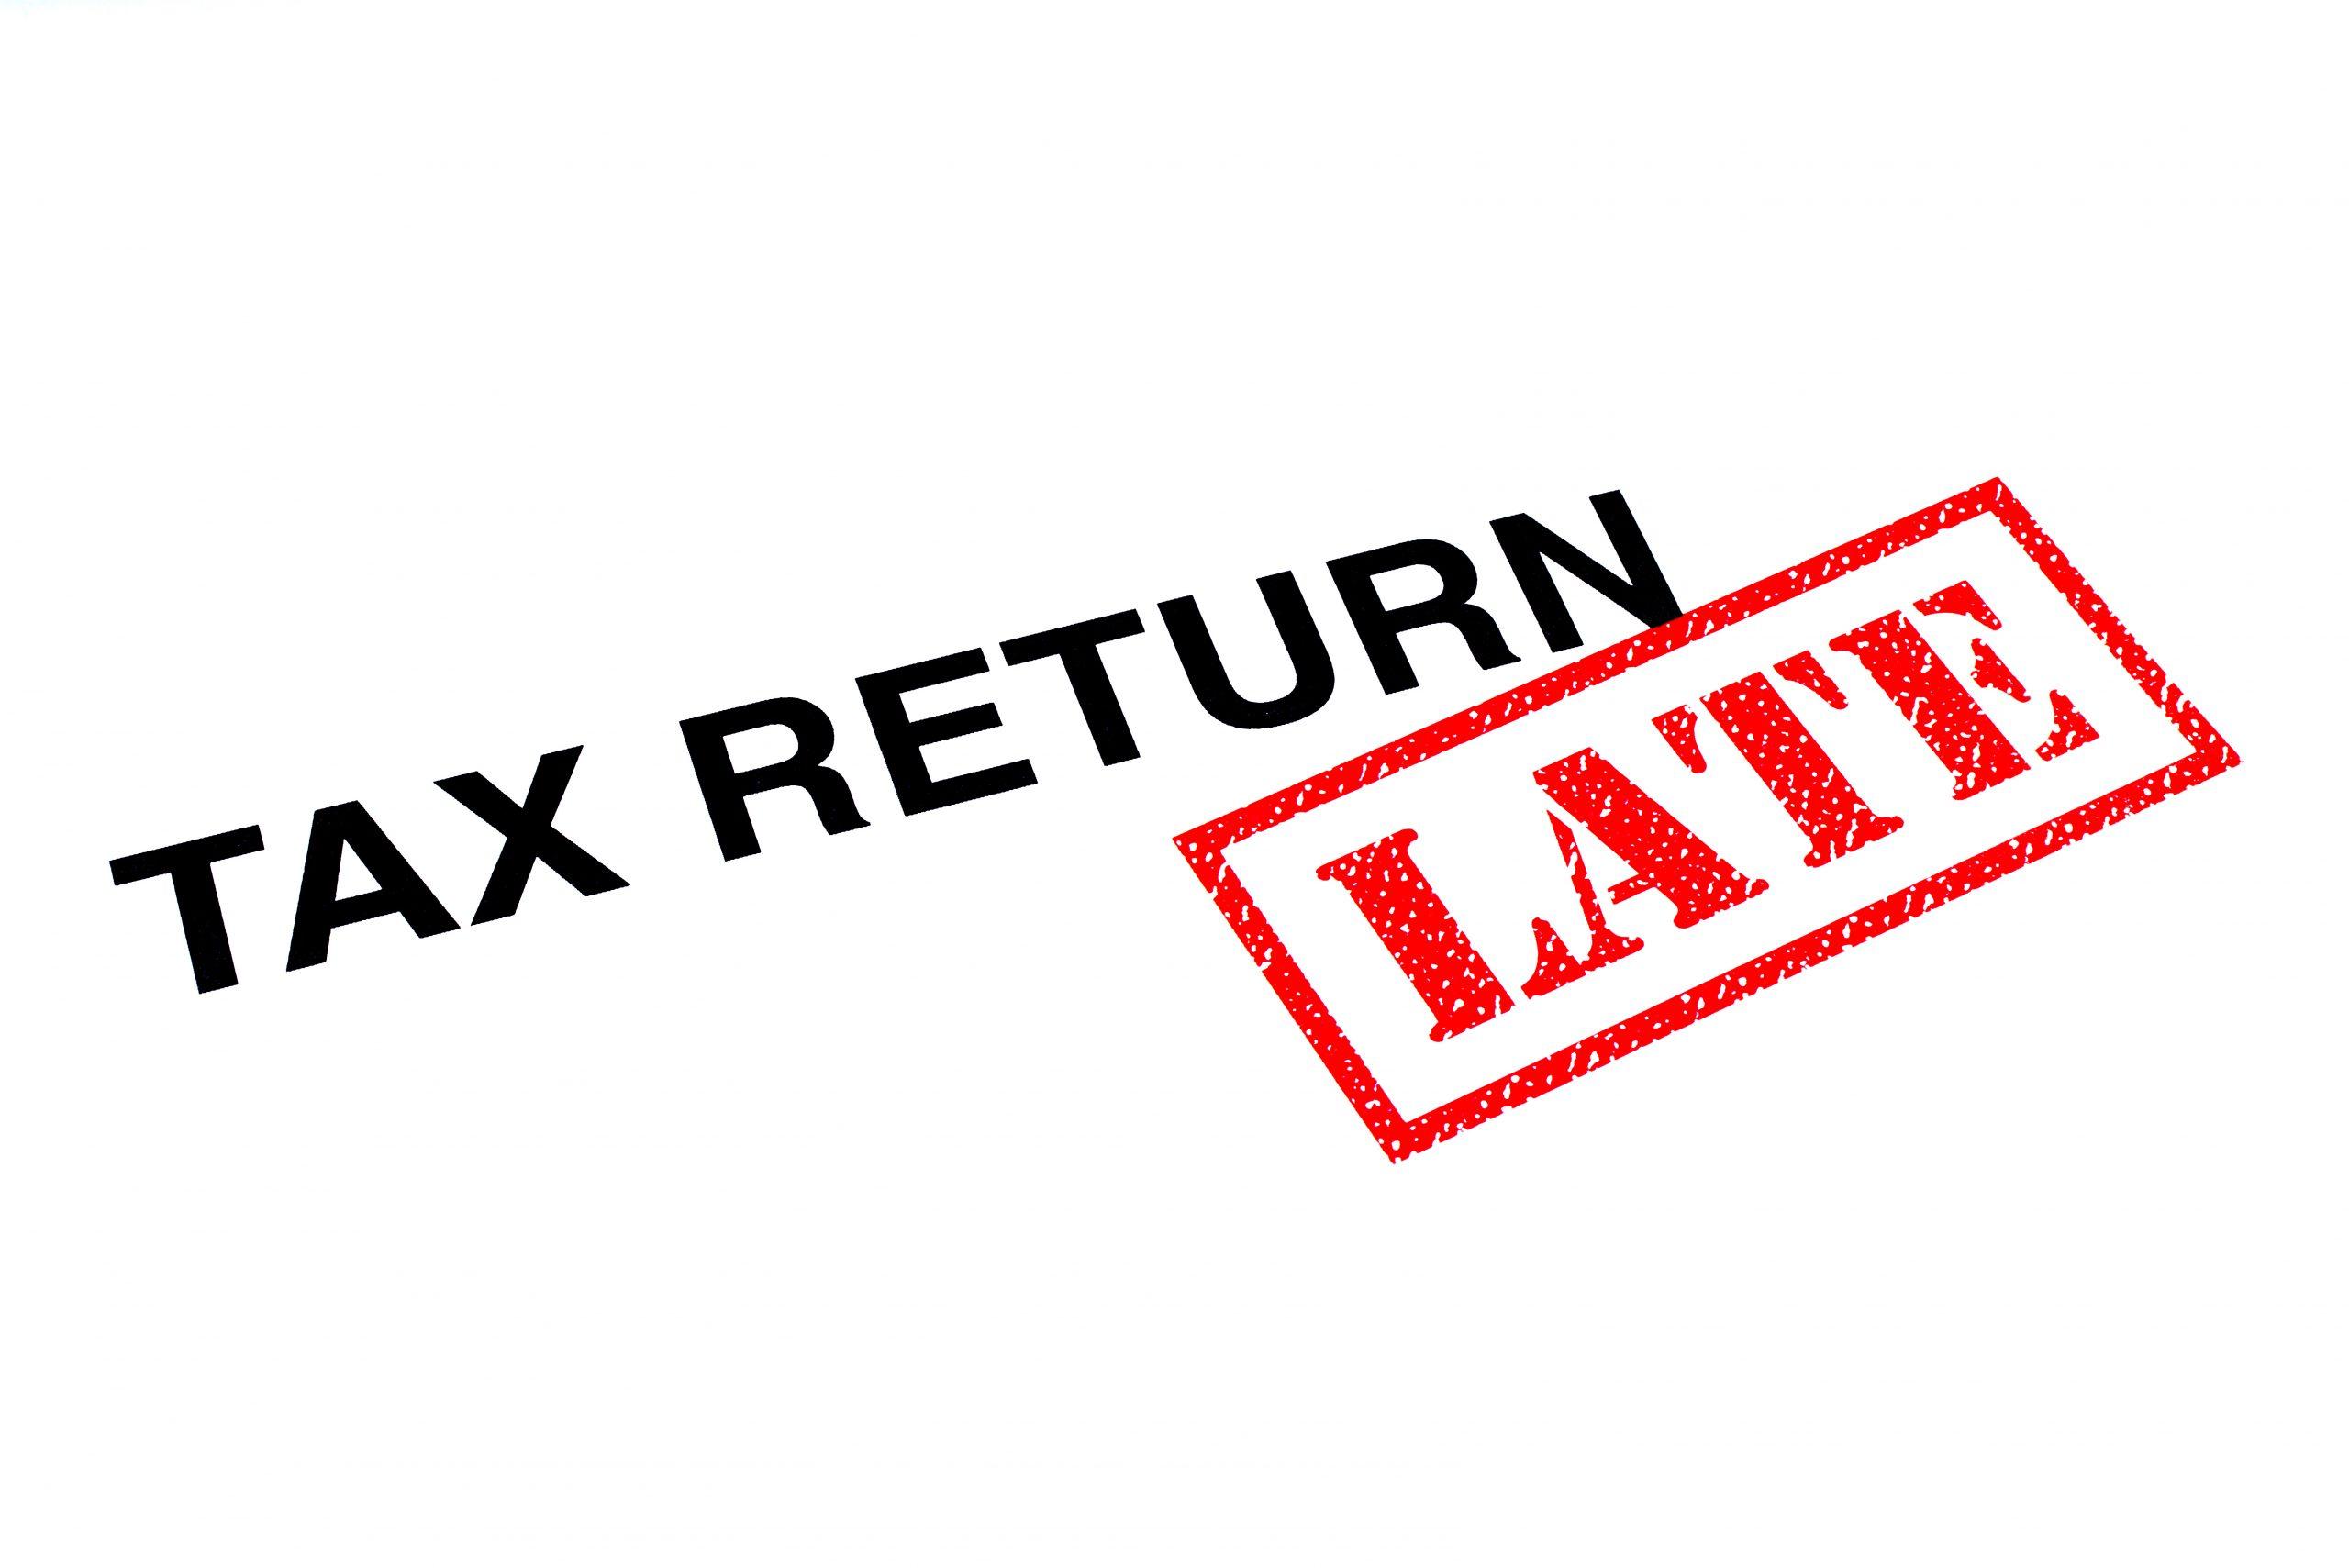 late tax return filing cpa minnesota